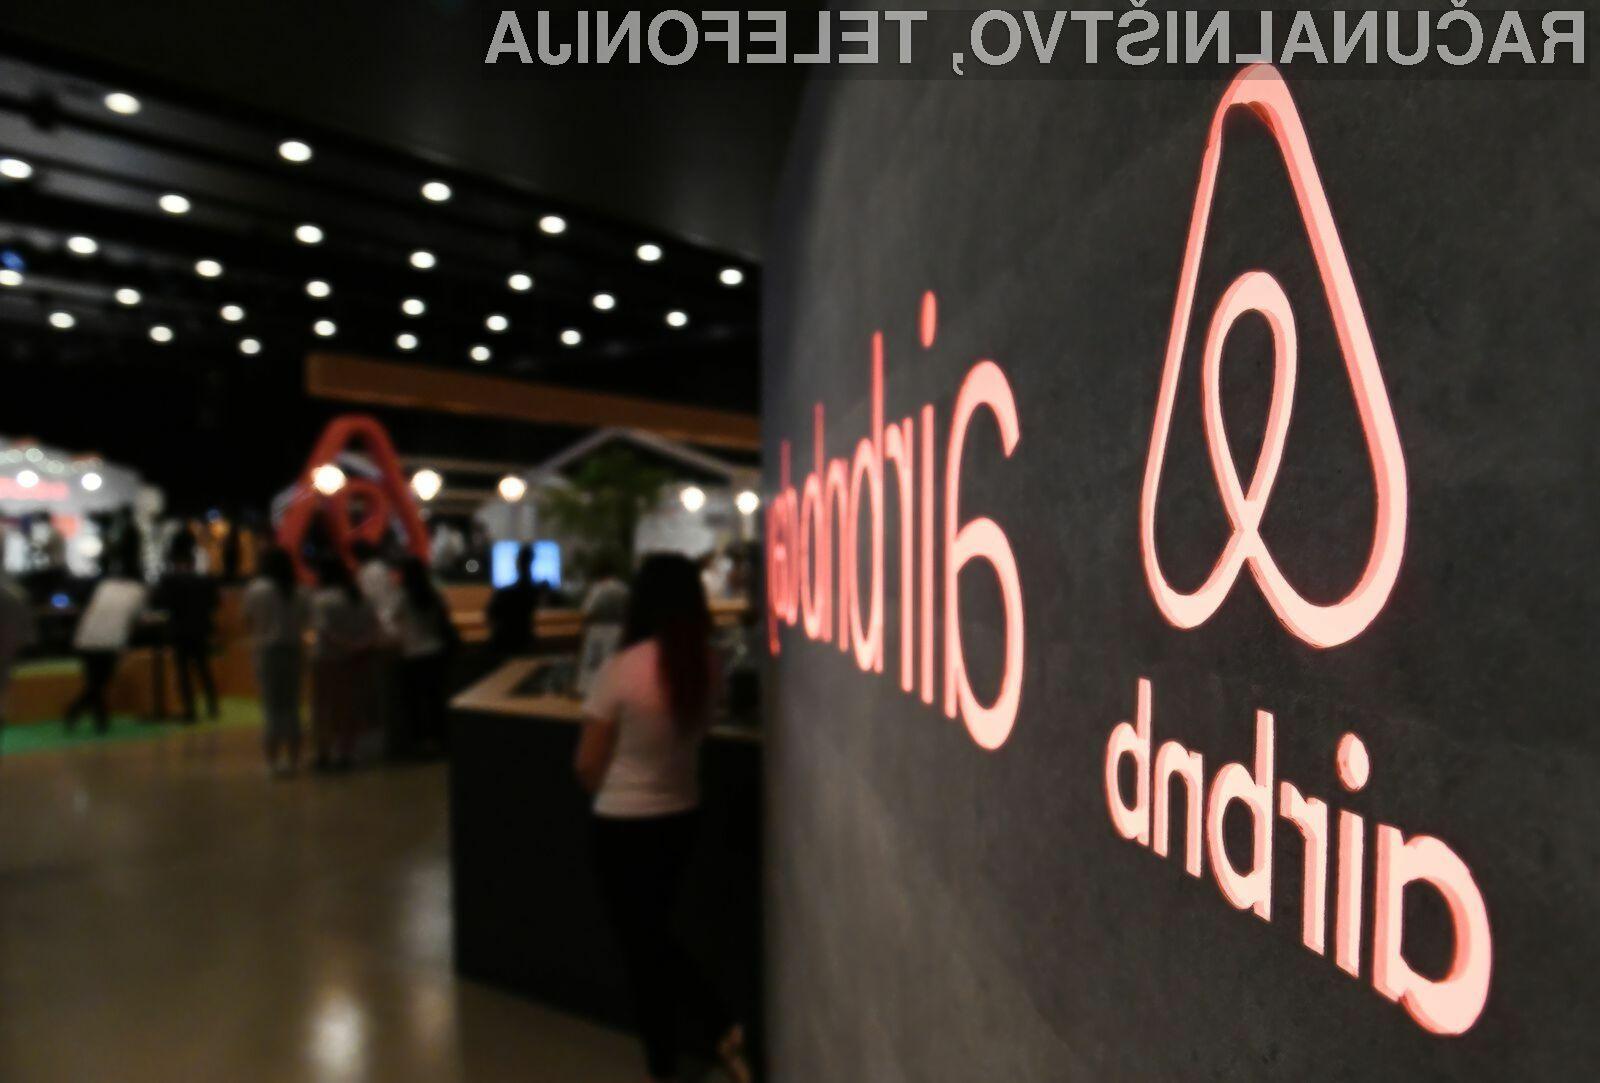 Evropska komisija je Airbnb prisilila k spremembi cen za Evropejce